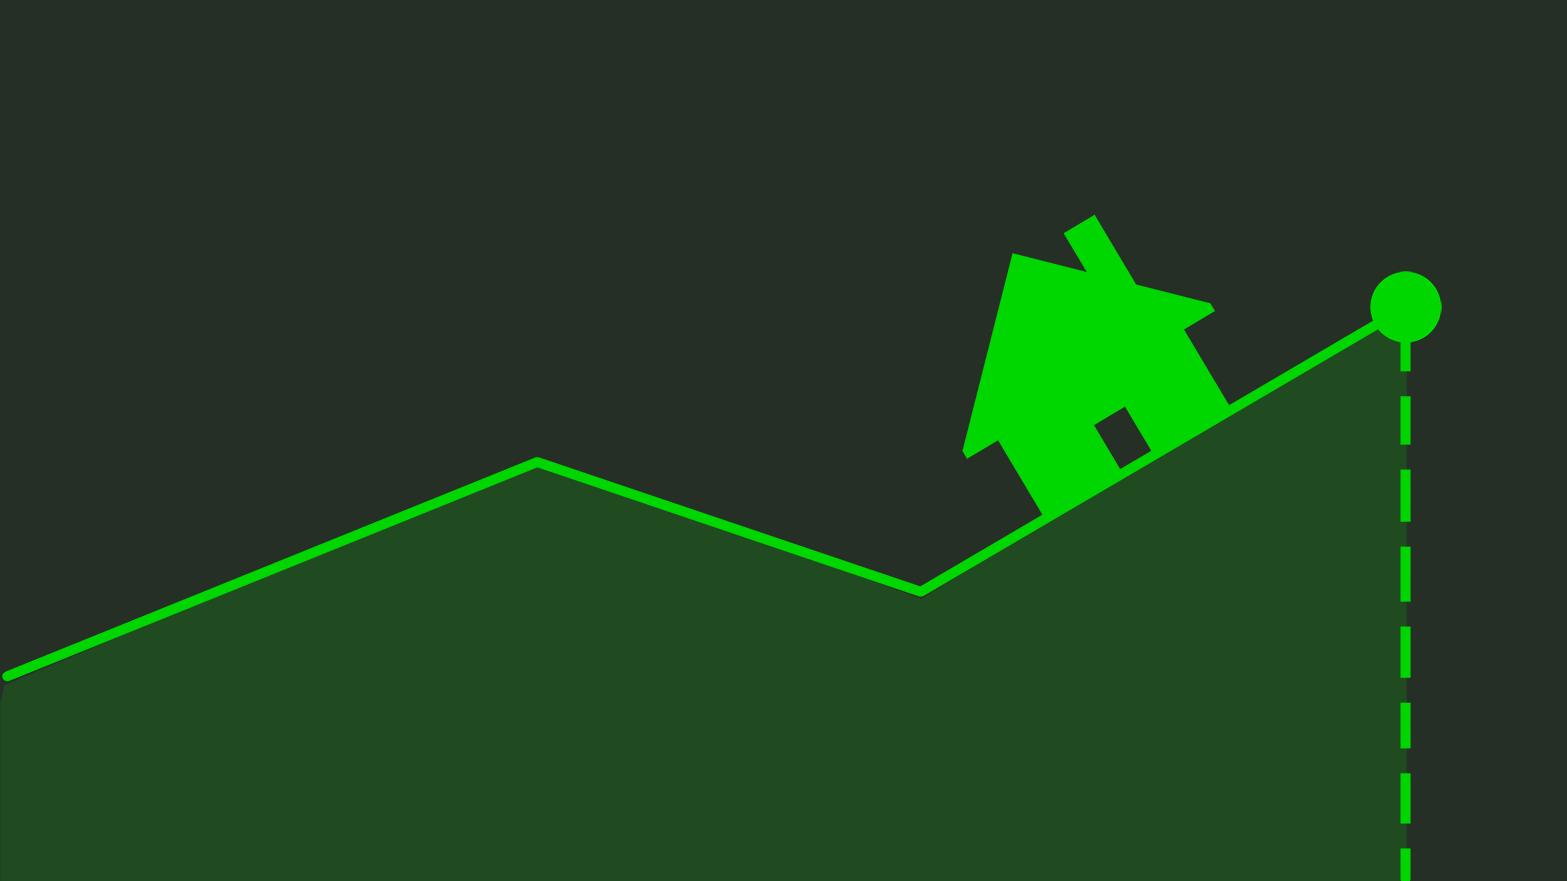 Preços das casas sobem 11,2% no segundo trimestre, mas já dão sinais de abrandamento